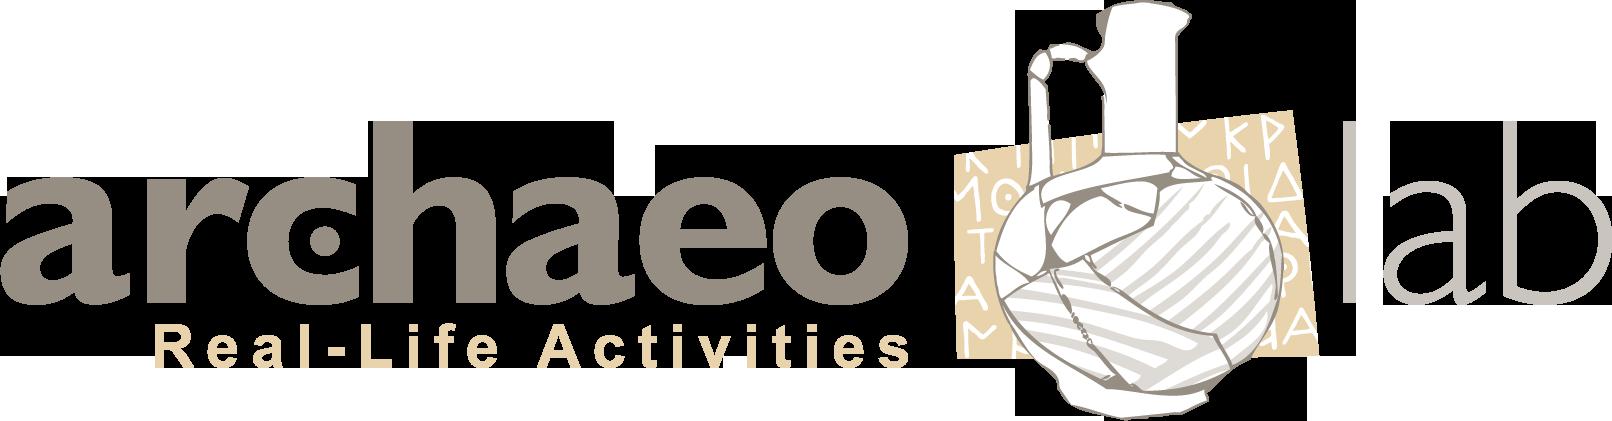 archaeolab logo